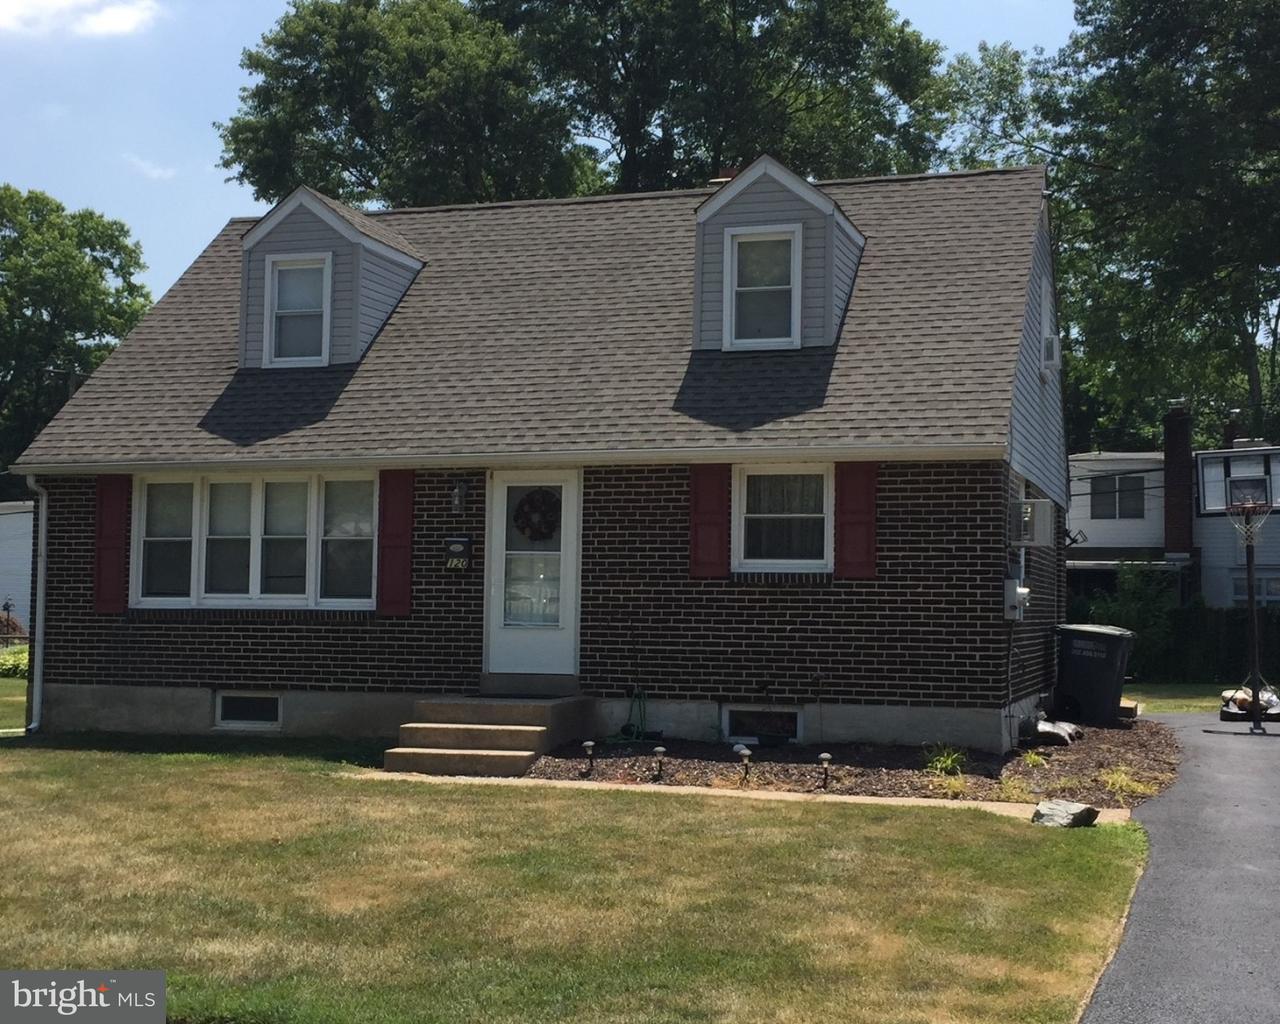 Частный односемейный дом для того Аренда на 120 DEVONSHIRE Road Wilmington, Делавэр 19803 Соединенные Штаты